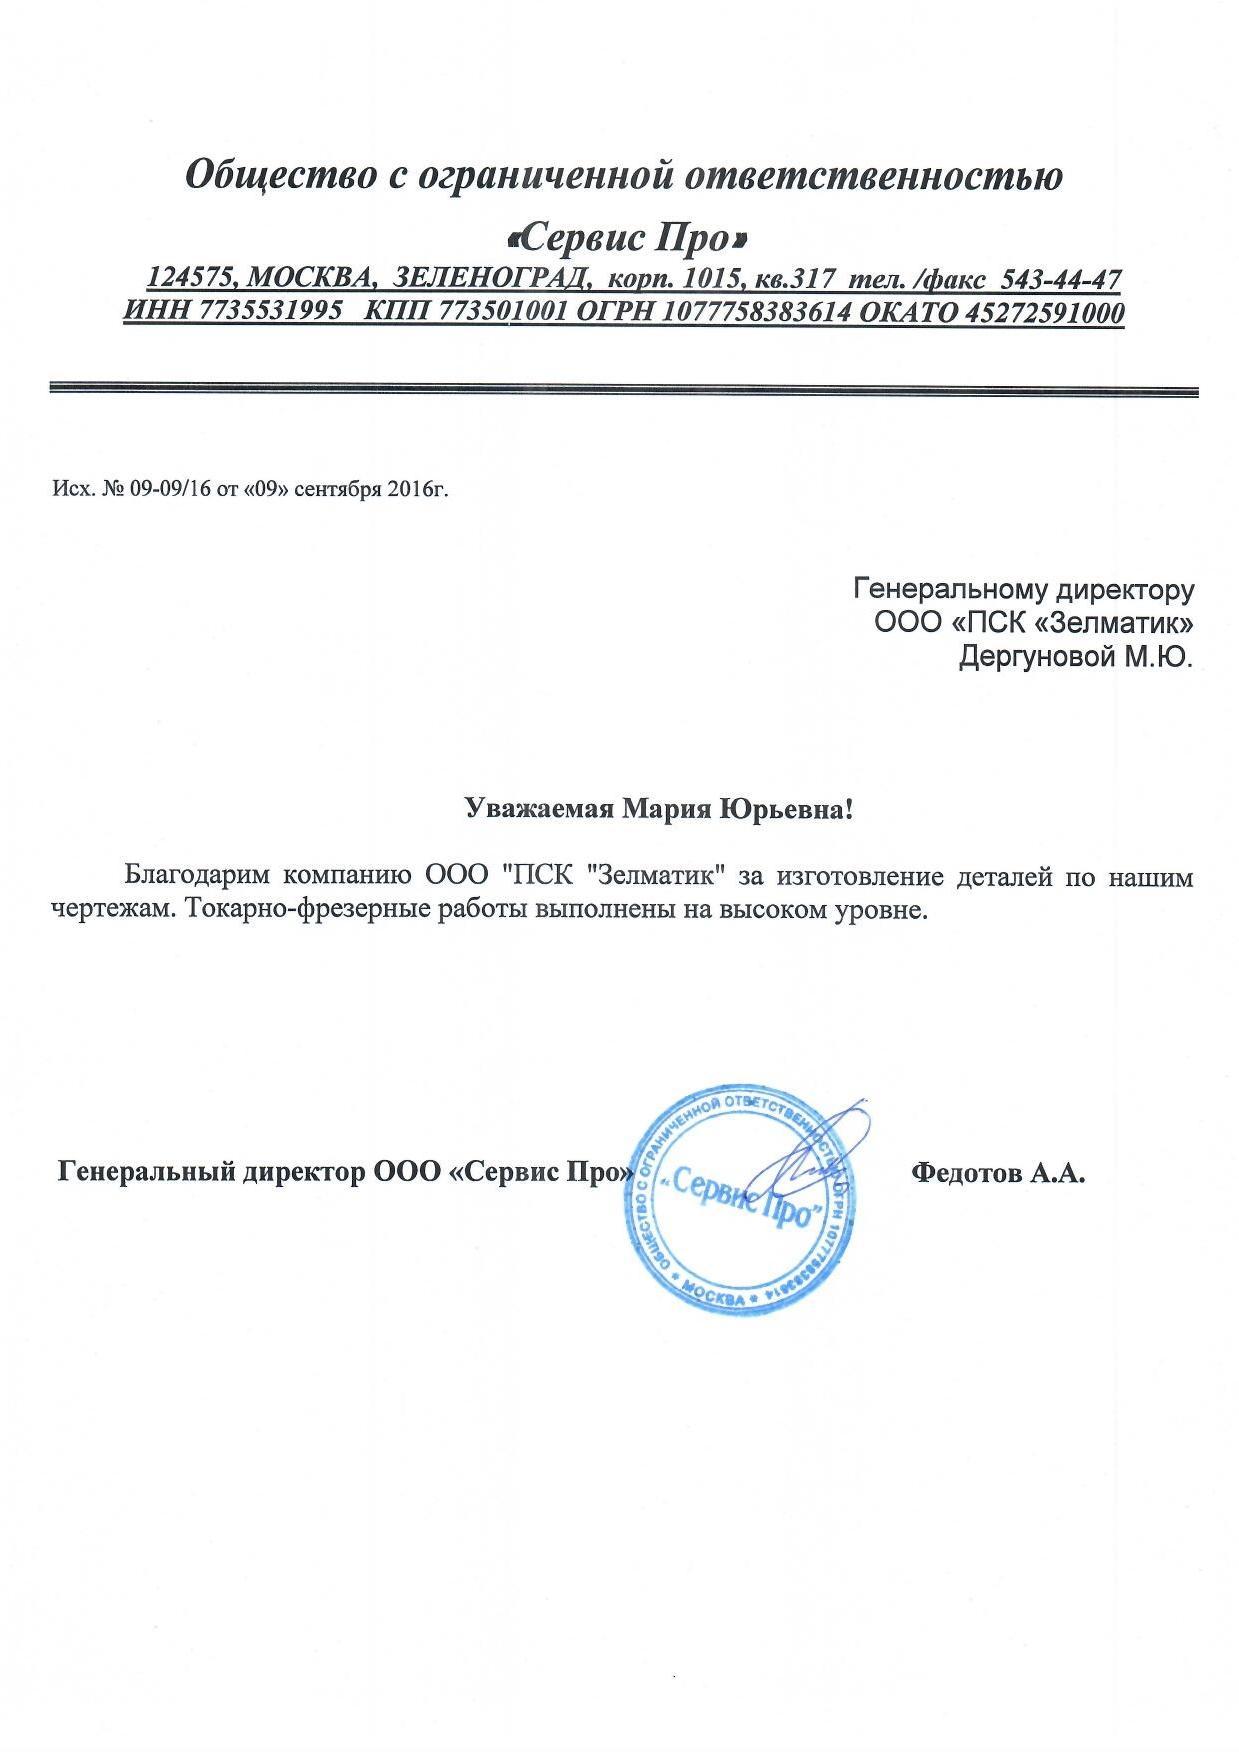 """Отзыв от ООО """"Сервис Про"""""""